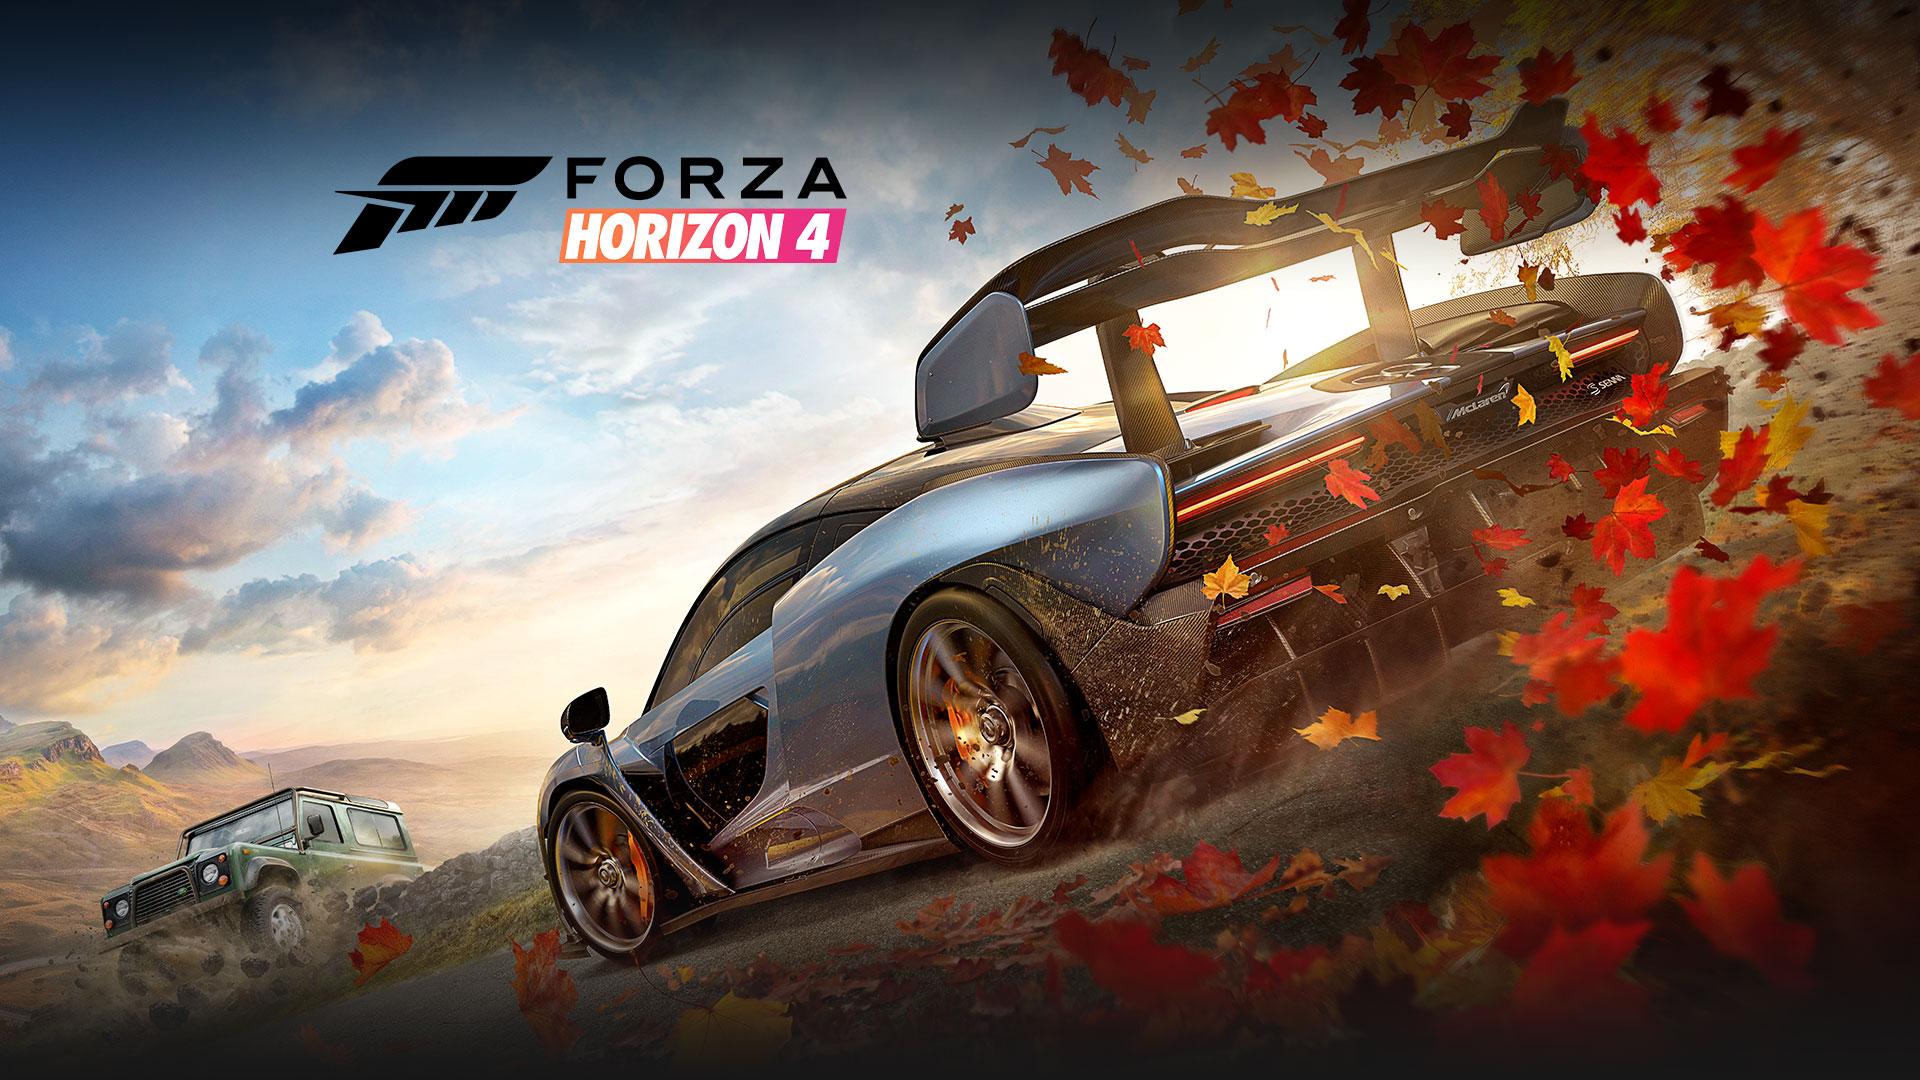 Forza Horizon 4: dos autos, uno de los cuales levanta hojas del suelo a su paso